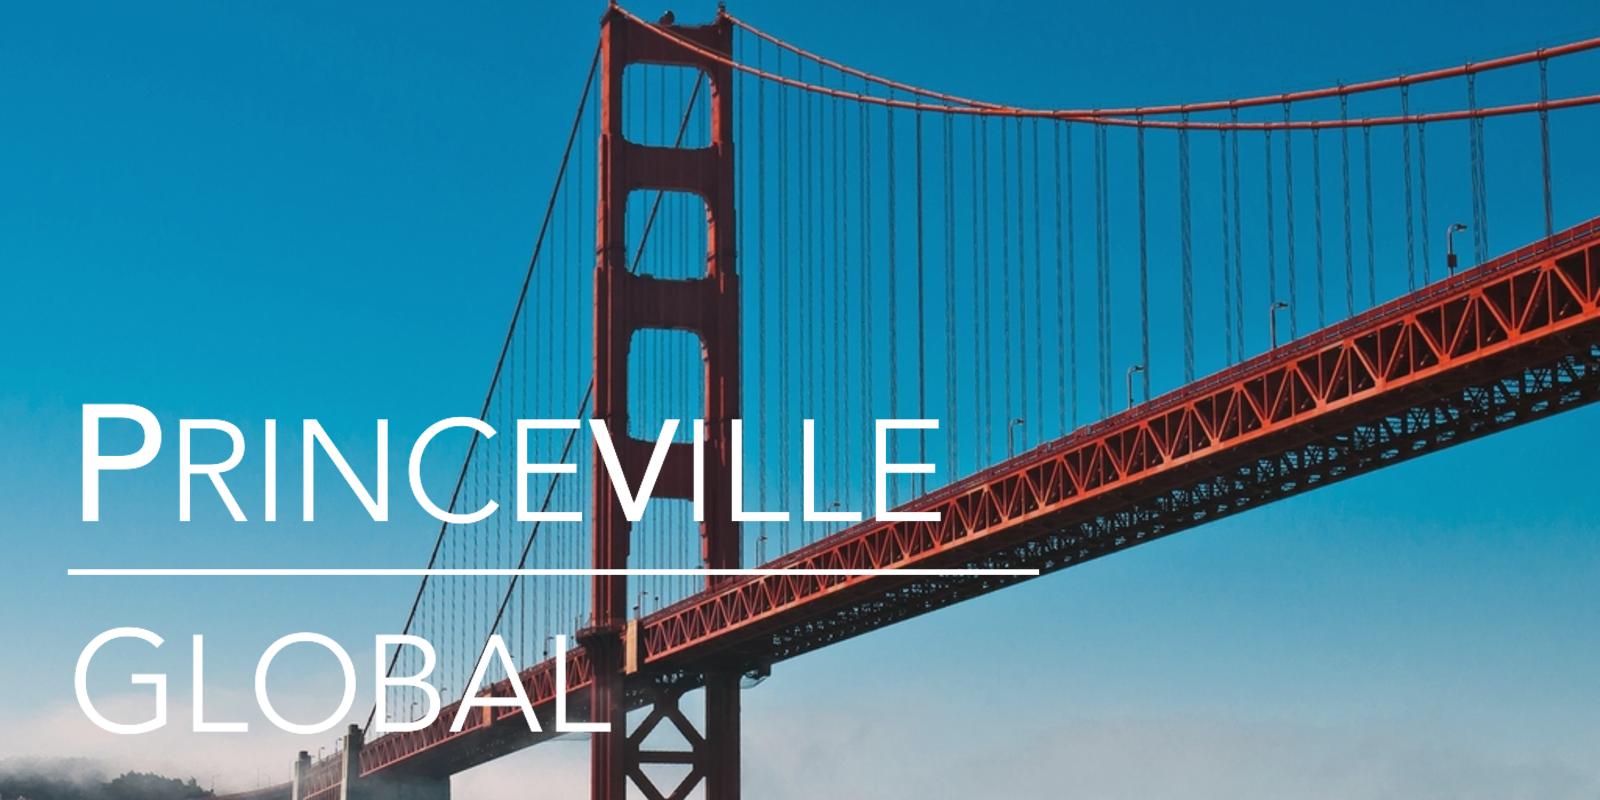 Princeville Global - Social Image.png